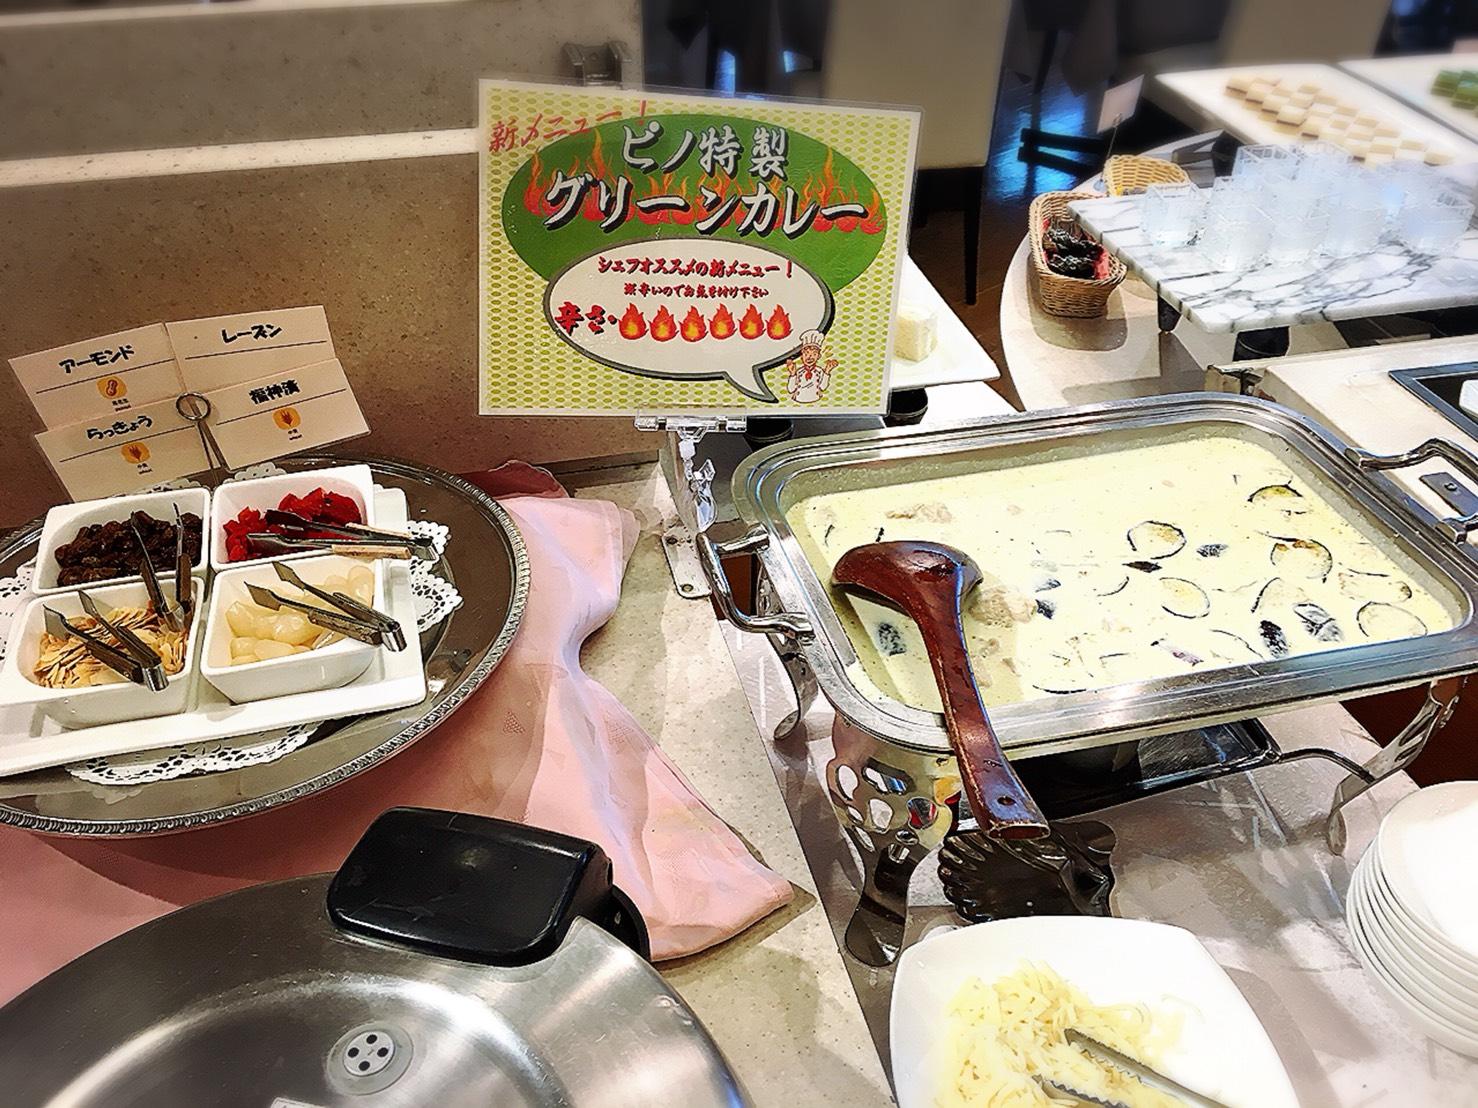 【池袋駅】安くて美味しい超人気ビュッフェ!池袋最強コスパ!?第一イン池袋レストラン「ピノ」のランチビュッフェ3